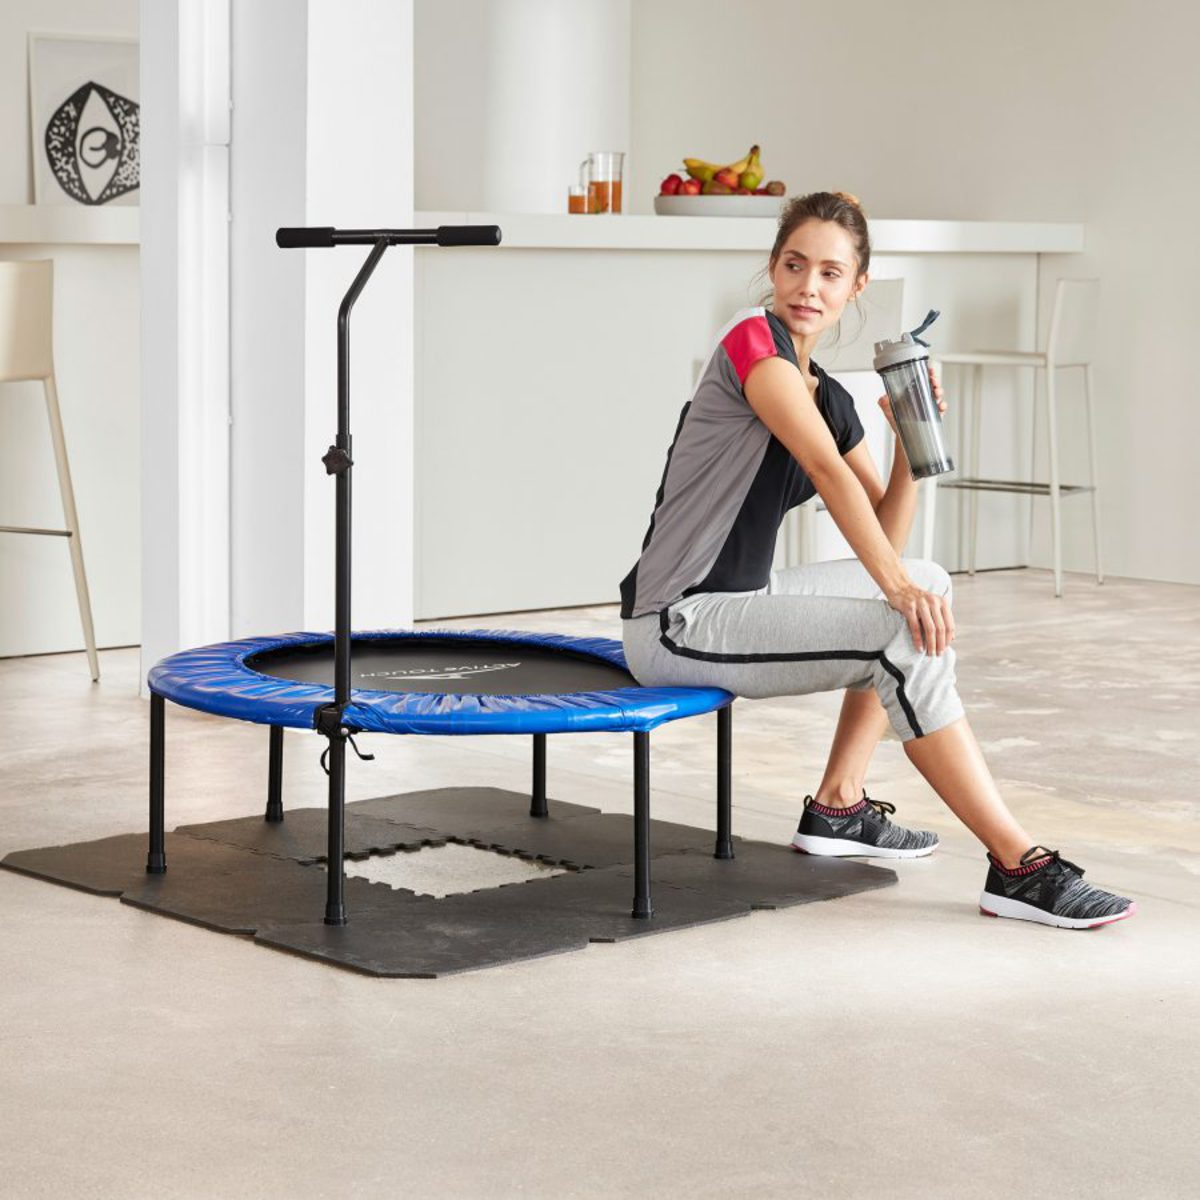 Bild 4 von ACTIVE TOUCH   Power-Fitness-Trampolin